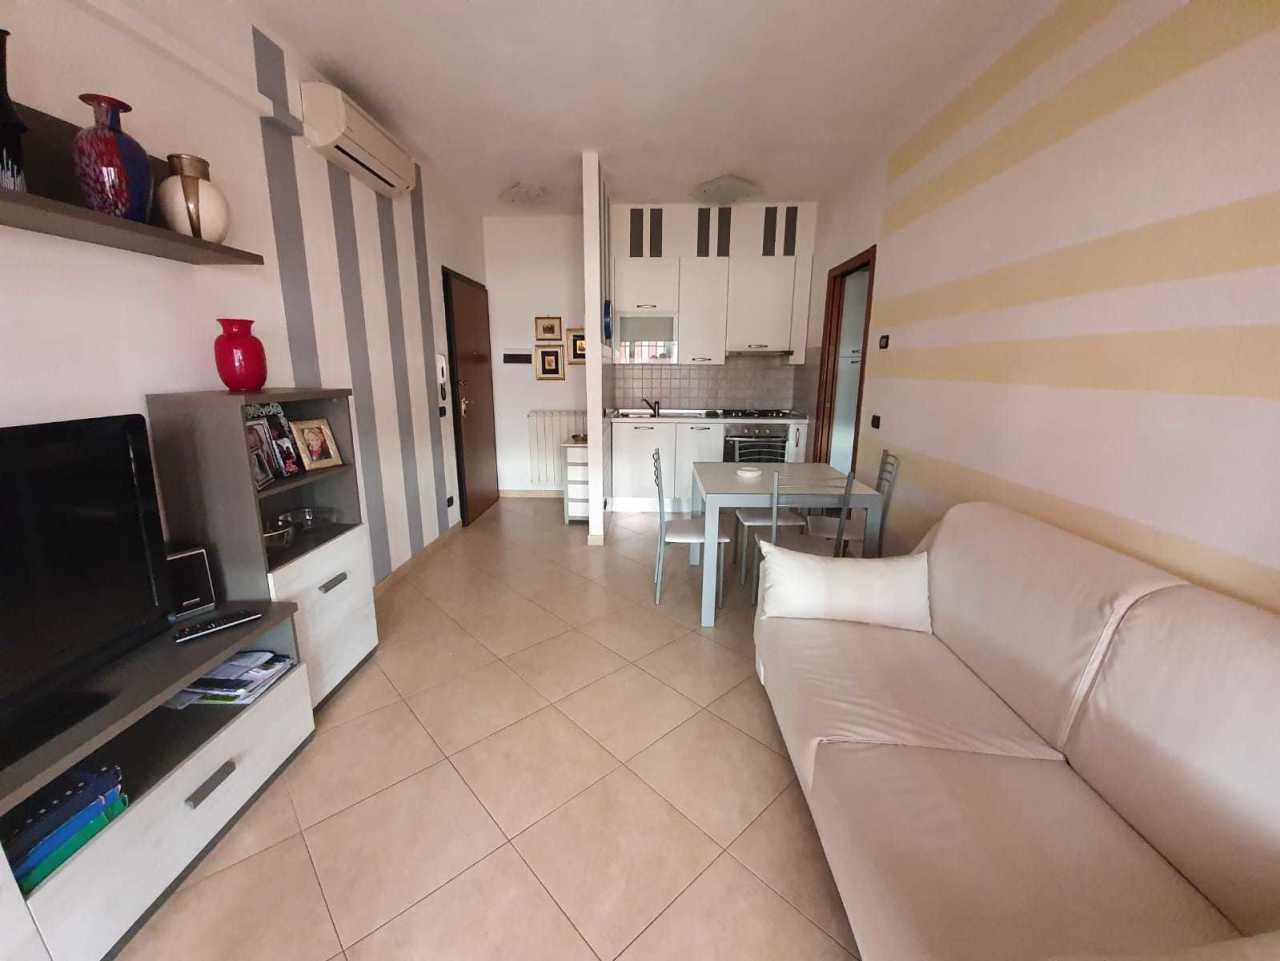 Appartamento in vendita a Santo Stefano di Magra, 2 locali, prezzo € 119.000 | PortaleAgenzieImmobiliari.it